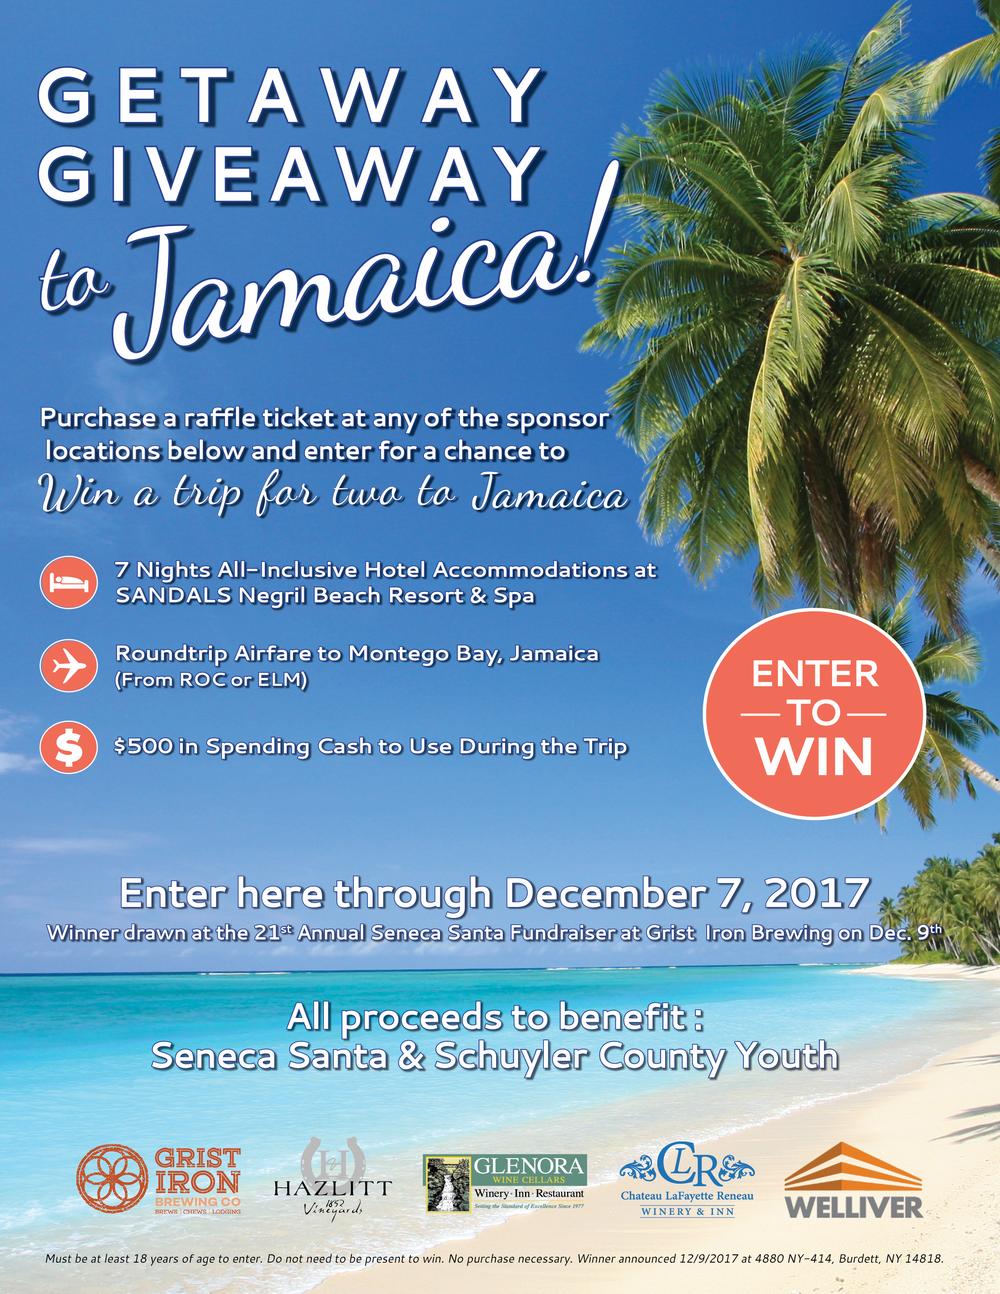 Getaway Giveaway Flyer_Sandals Jamaica_8.5x11.png